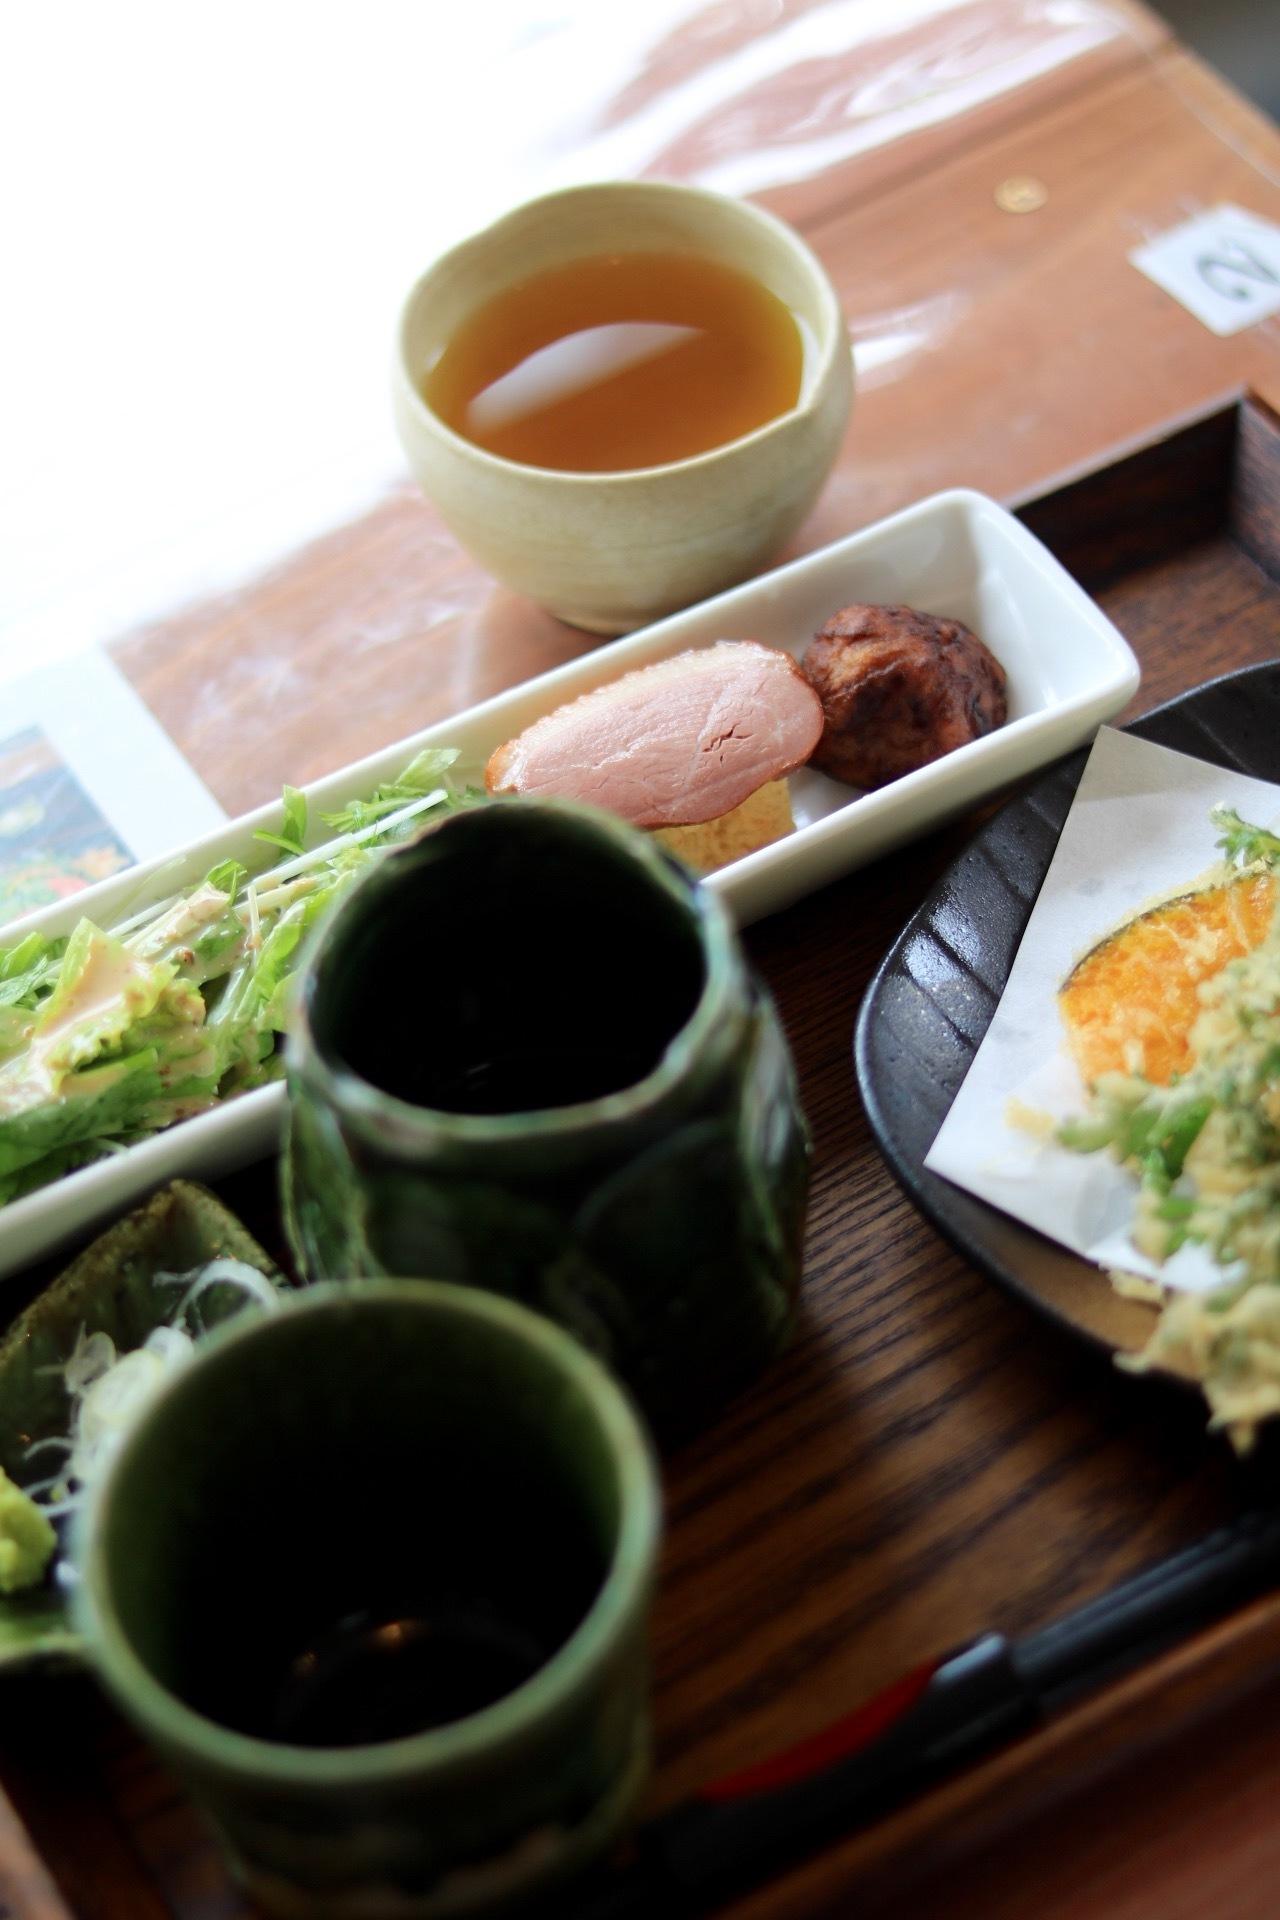 熊谷市のとら吉さんでランチ_c0366722_12474283.jpeg